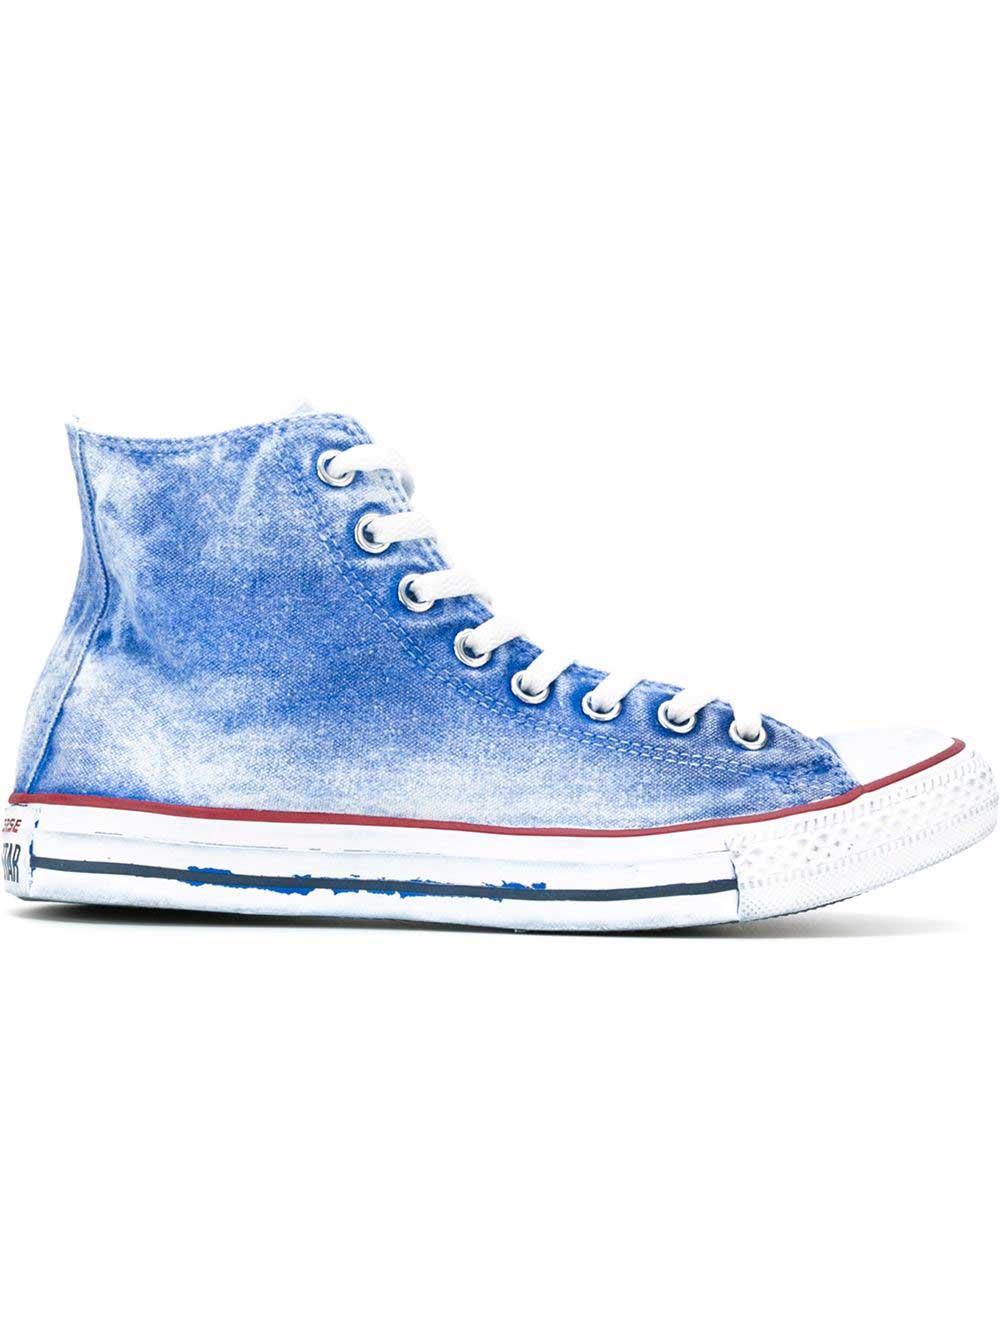 Denim high top sneakers, £92.42, Converse. www.farfetch.com